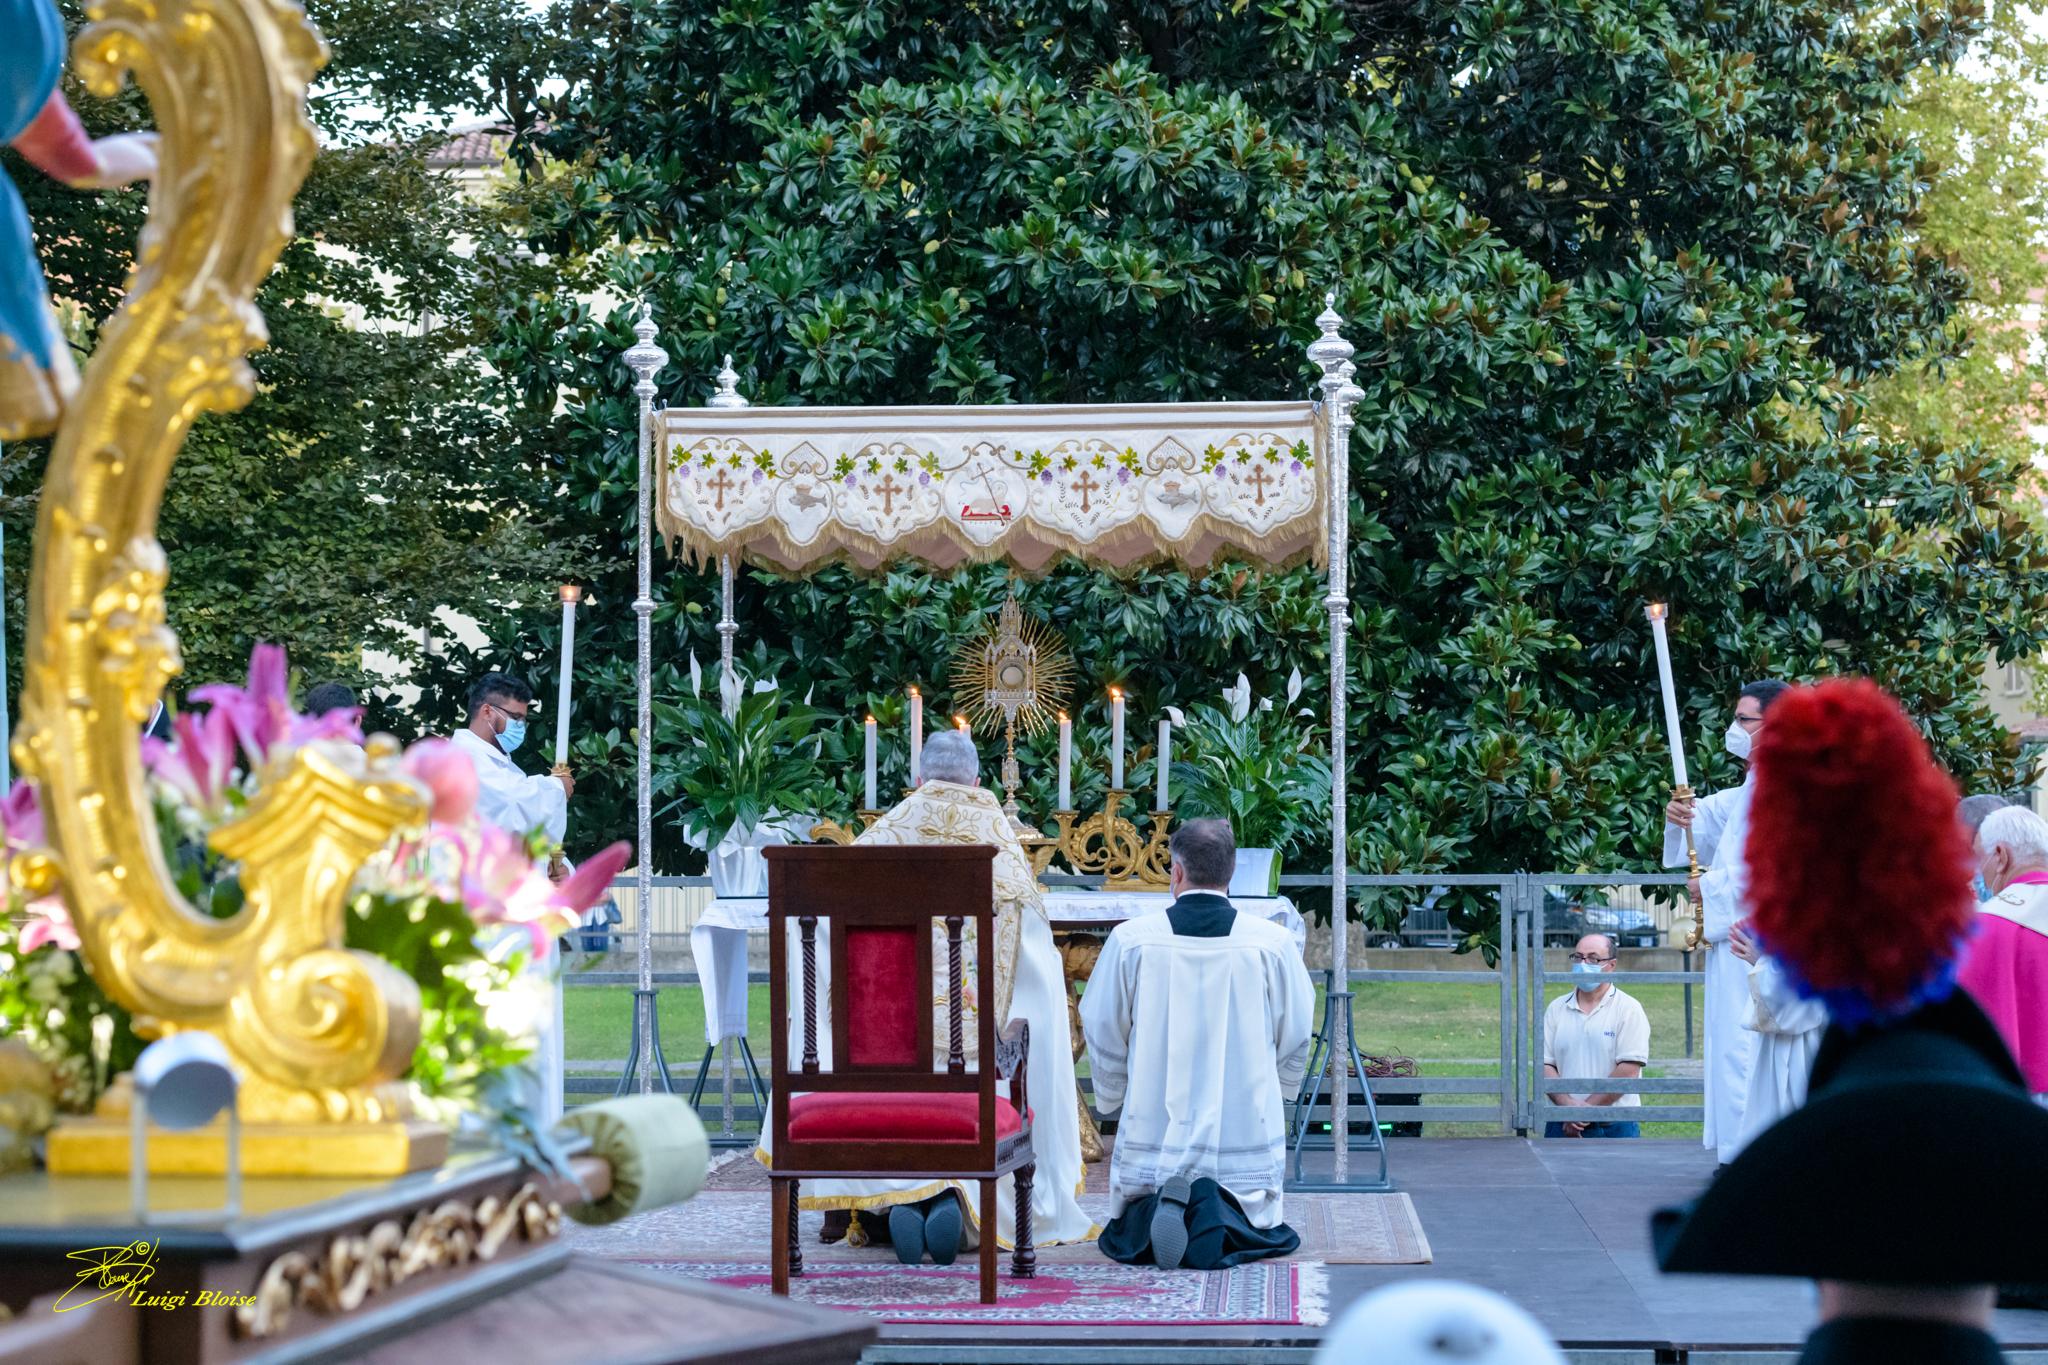 29-agosto-2021-Viola-17-e-processione-MdG-–-FOTO_mdg_-279